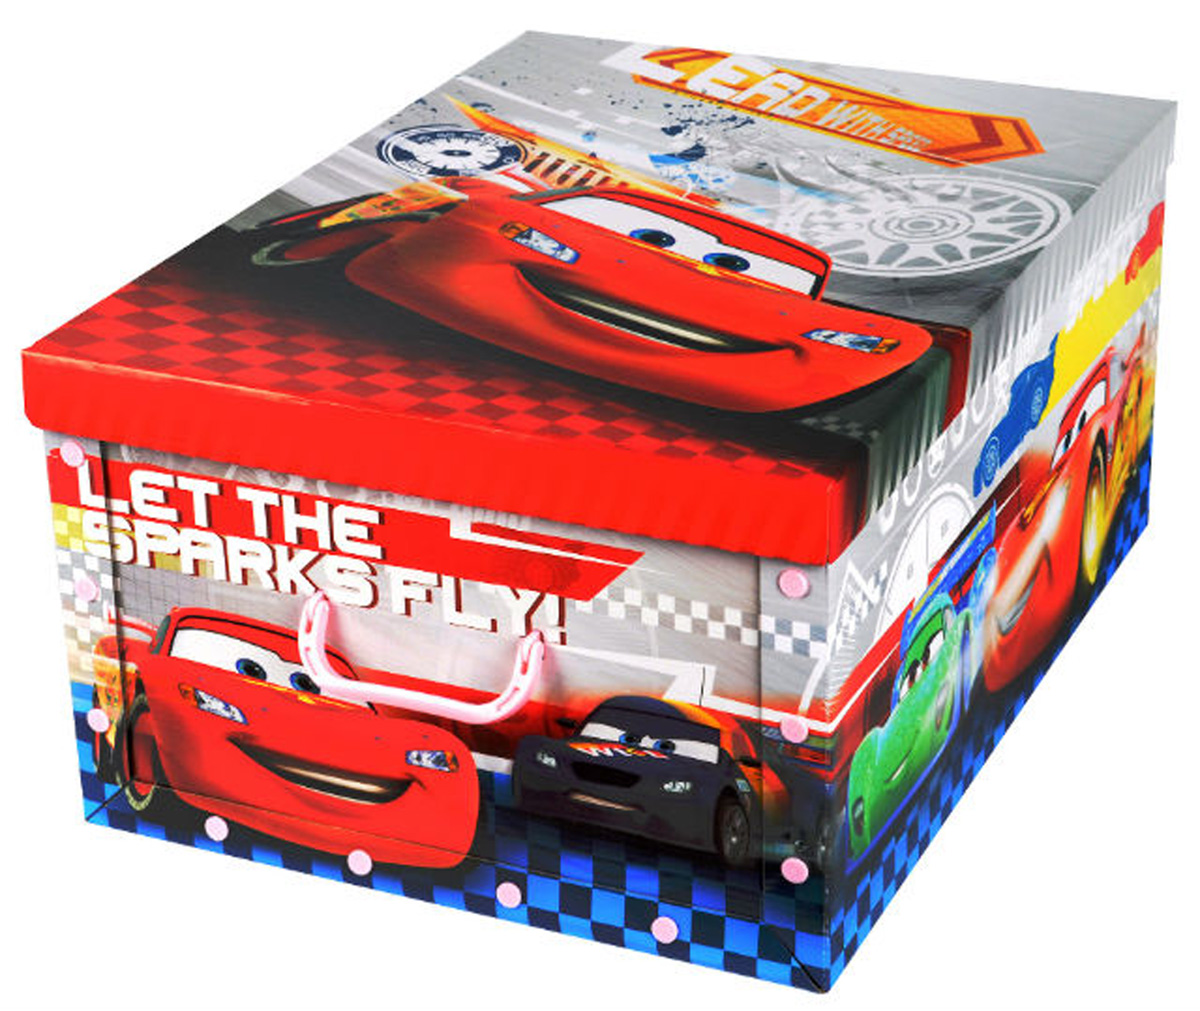 Коробка для хранения Disney Тачки, 40 х 50 х 25 смRG-D31SКоробка для хранения Disney Тачки, выполненная из высококачественного гофрированного картона, идеально подойдет для хранения игрушек, одежды, книг, канцелярских принадлежностей и других мелких предметов. Изделие легко собирается и не занимает много места. Коробка декорирована изображением героя мультфильма Тачки и оснащена удобными ручками для транспортировки.Коробка Disney Тачки поможет хранить все в одном месте, а также защитить вещи от пыли, грязи и влаги. Размер коробки (в собранном виде): 40 х 50 х 25 см.